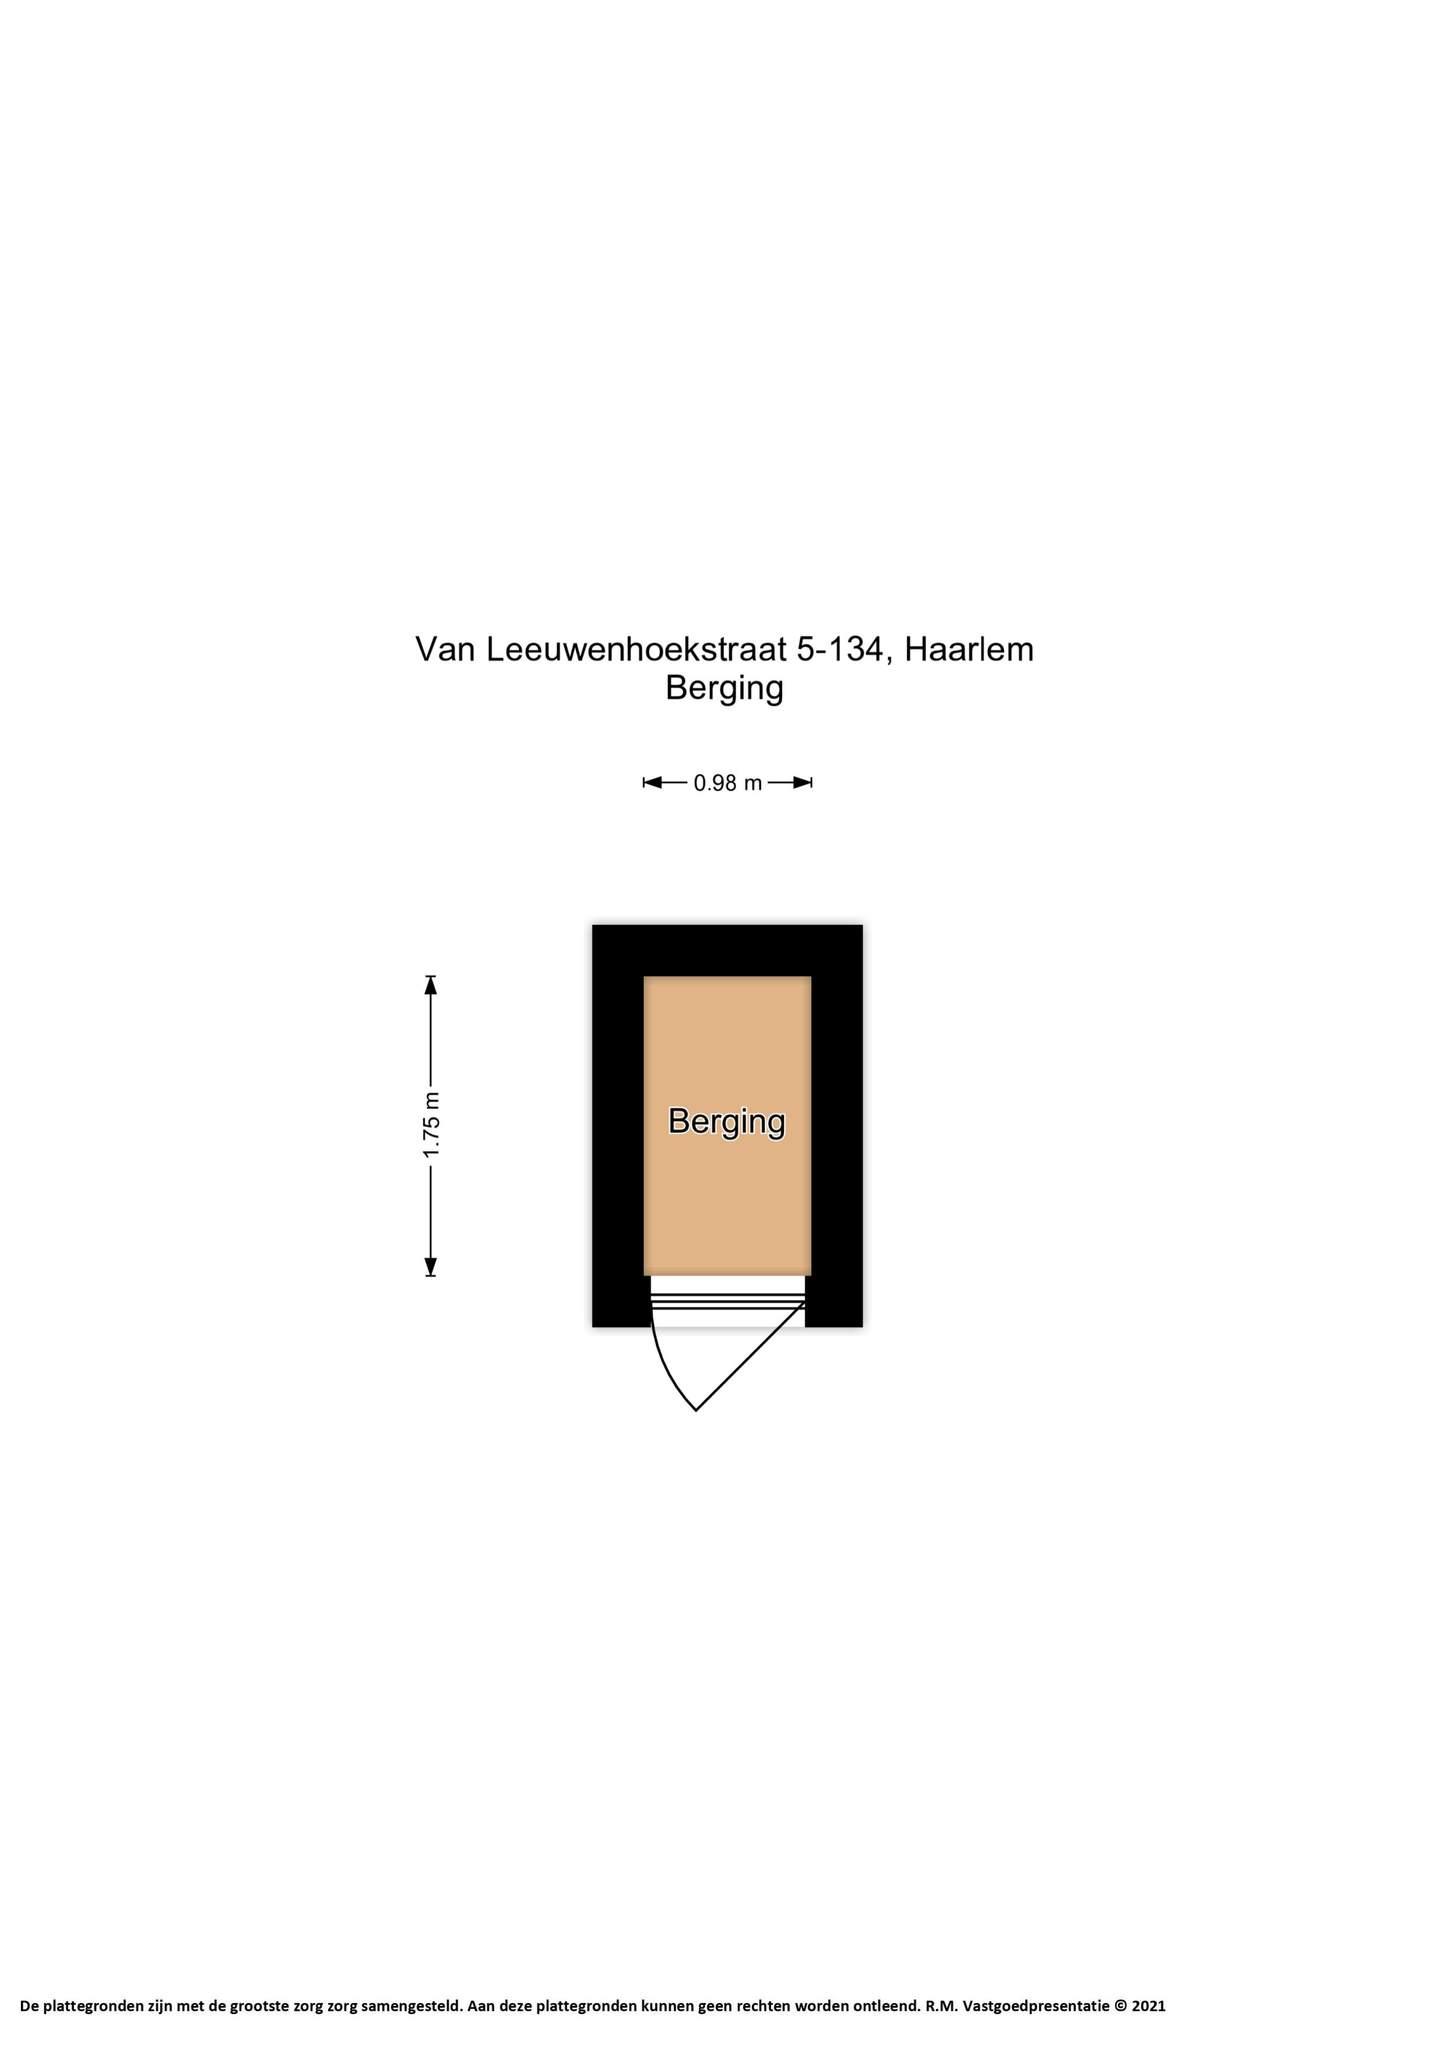 Van Leeuwenhoekstraat 5 134